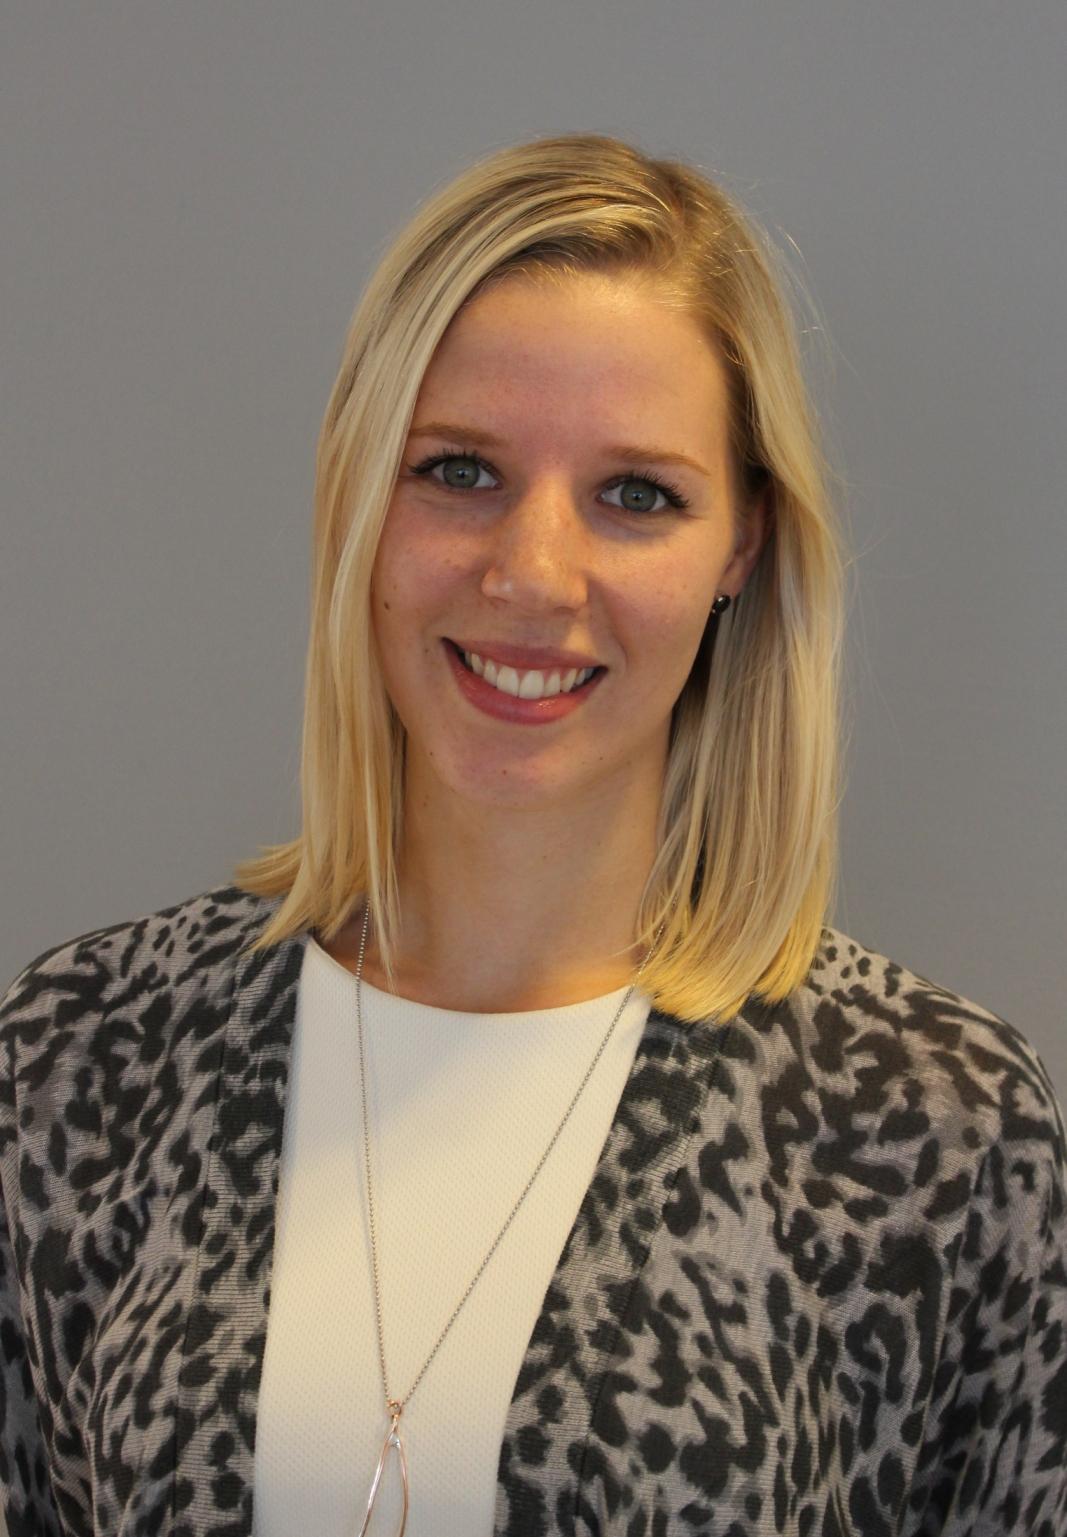 Maria Hillerström våra medarbetare